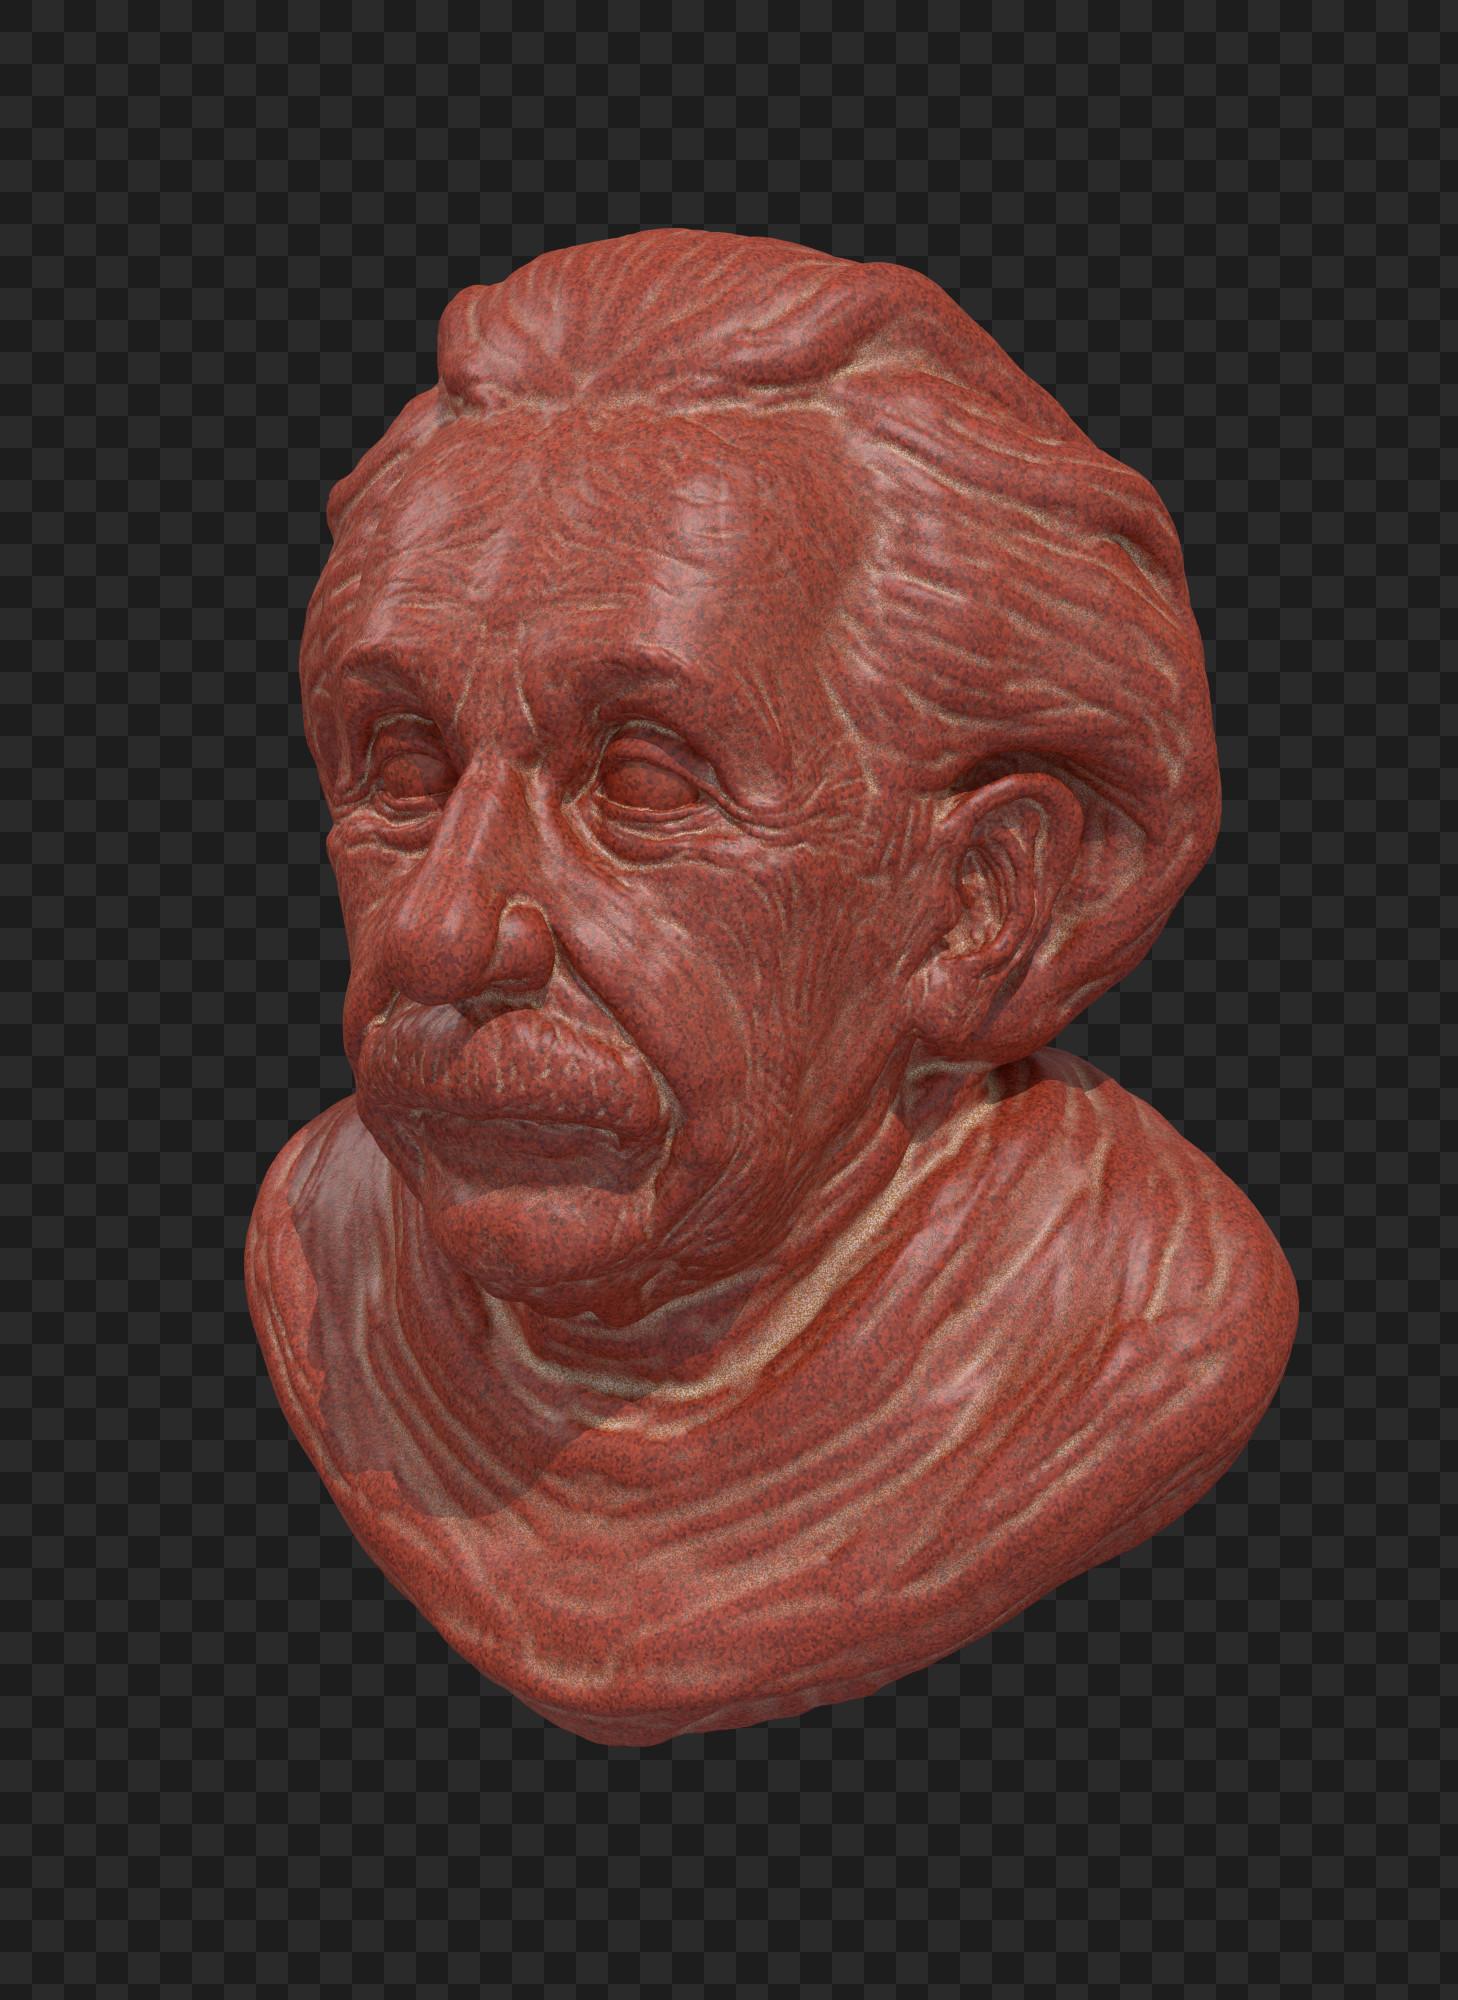 Hubert piatkowski mc